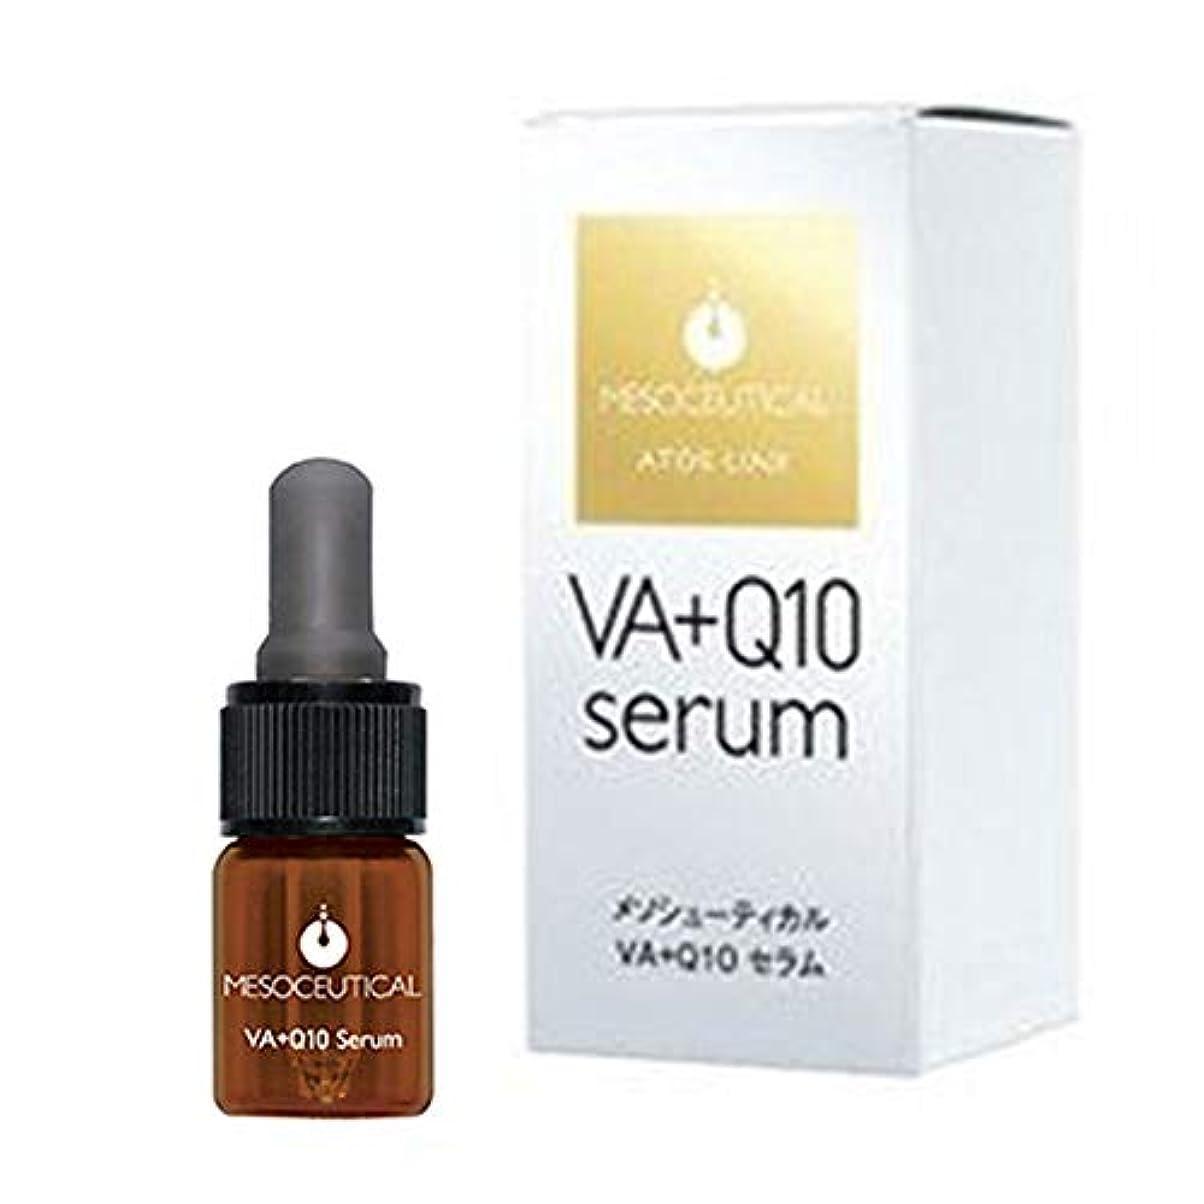 法医学ドナウ川尊敬メソシューティカル VA+Q10 セラム 美容液1本 (10ml)